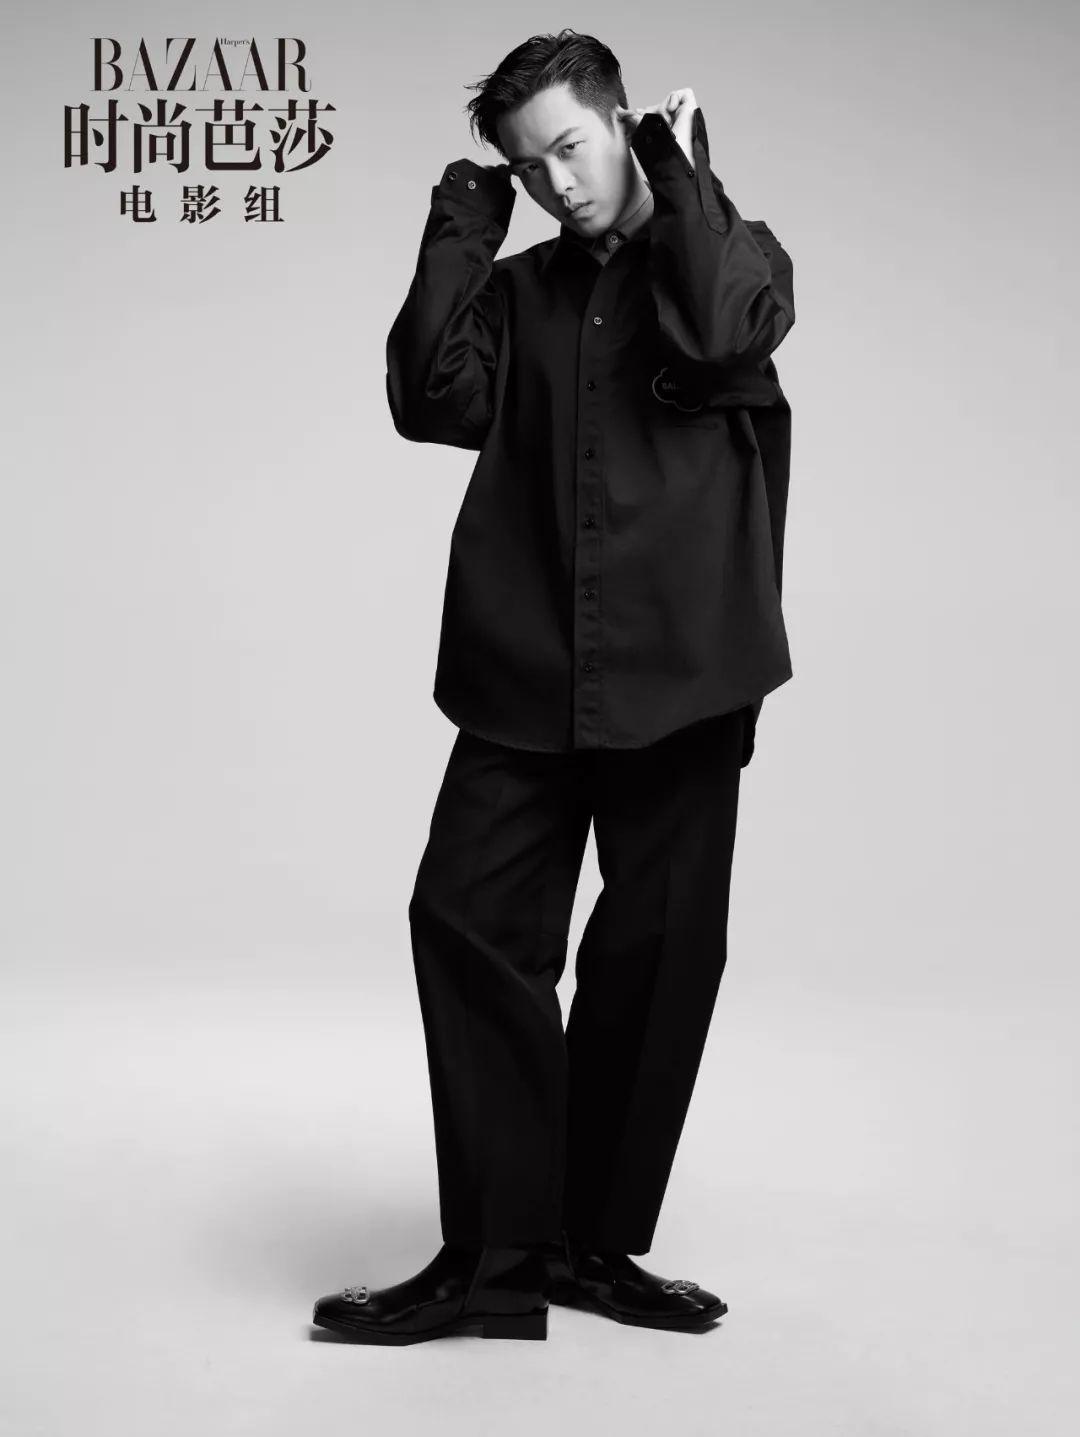 张若昀:《庆余年》的小范大人非我莫属